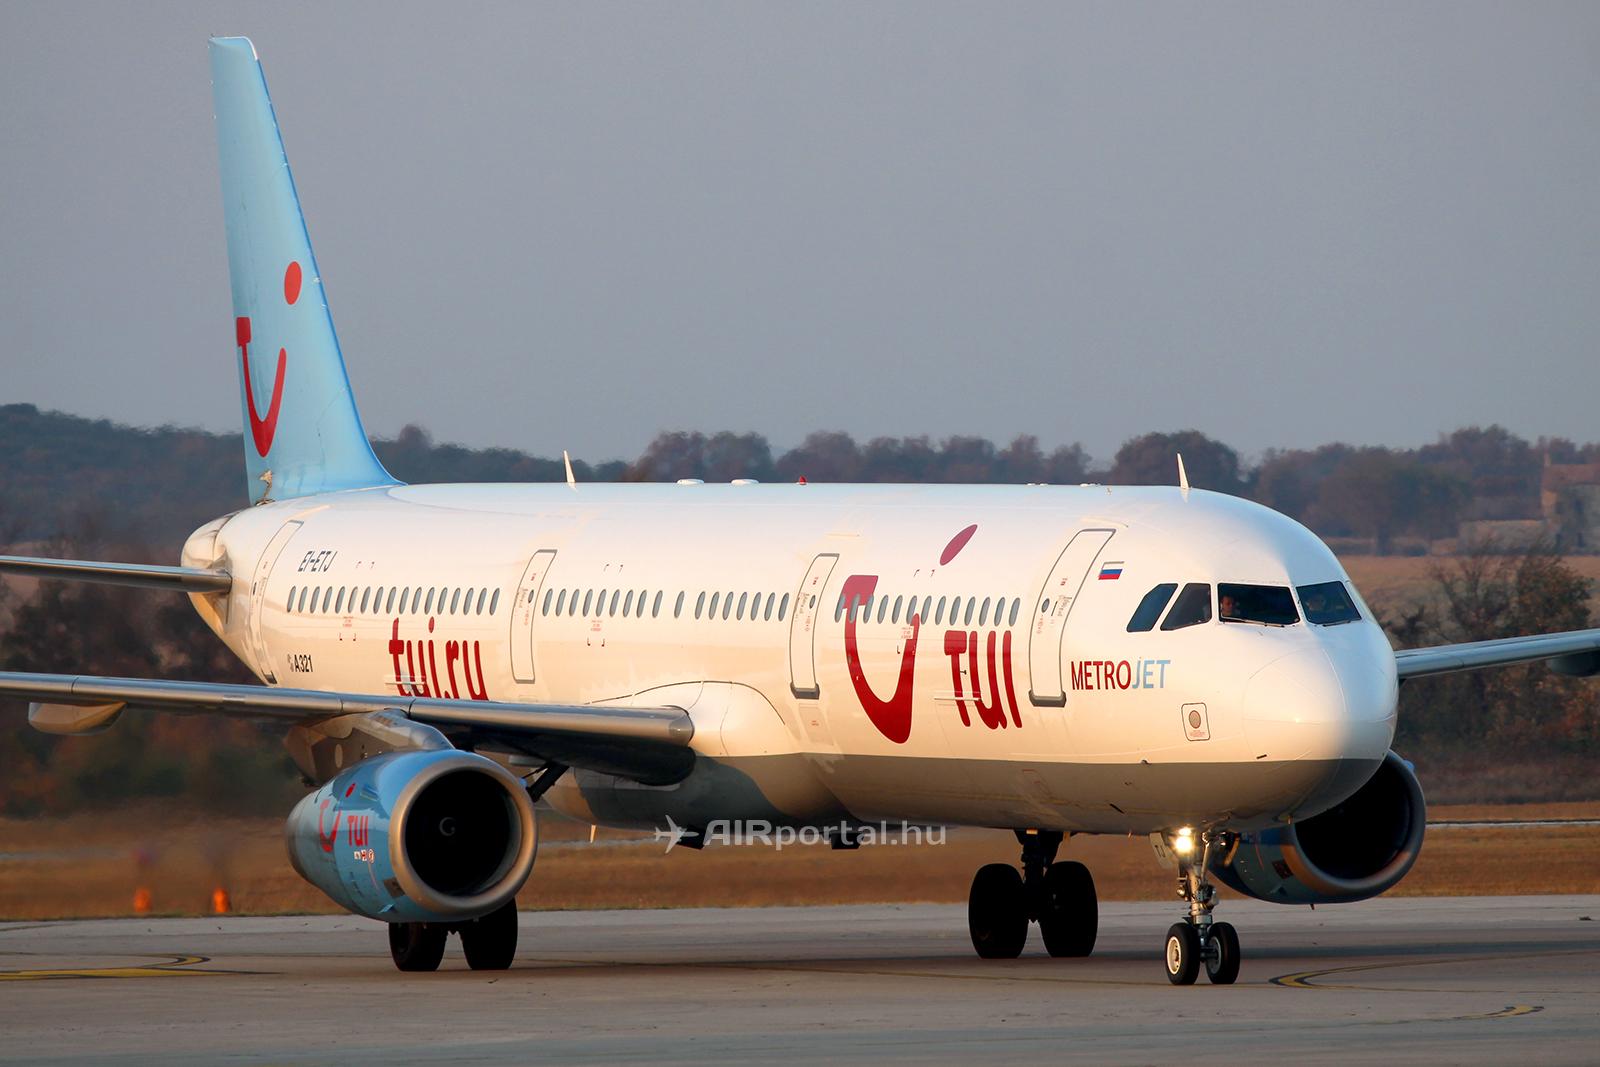 A balesetet szenvedett EI-ETJ lajstromjelű repülőgép még a korábbi TUI.ru festésében, 2012. augusztusában, Pulában. A repülőgépről 2014-ben került le a TUI utazási iroda festése, mikor a Metrojet légitársaság színeibe festették át. A repülőgép festése 2015-ben ismét megújult, ekkor a Metrojet modernizált festését kapta meg. (Fotó: AIRportal.hu)   © AIRportal.hu